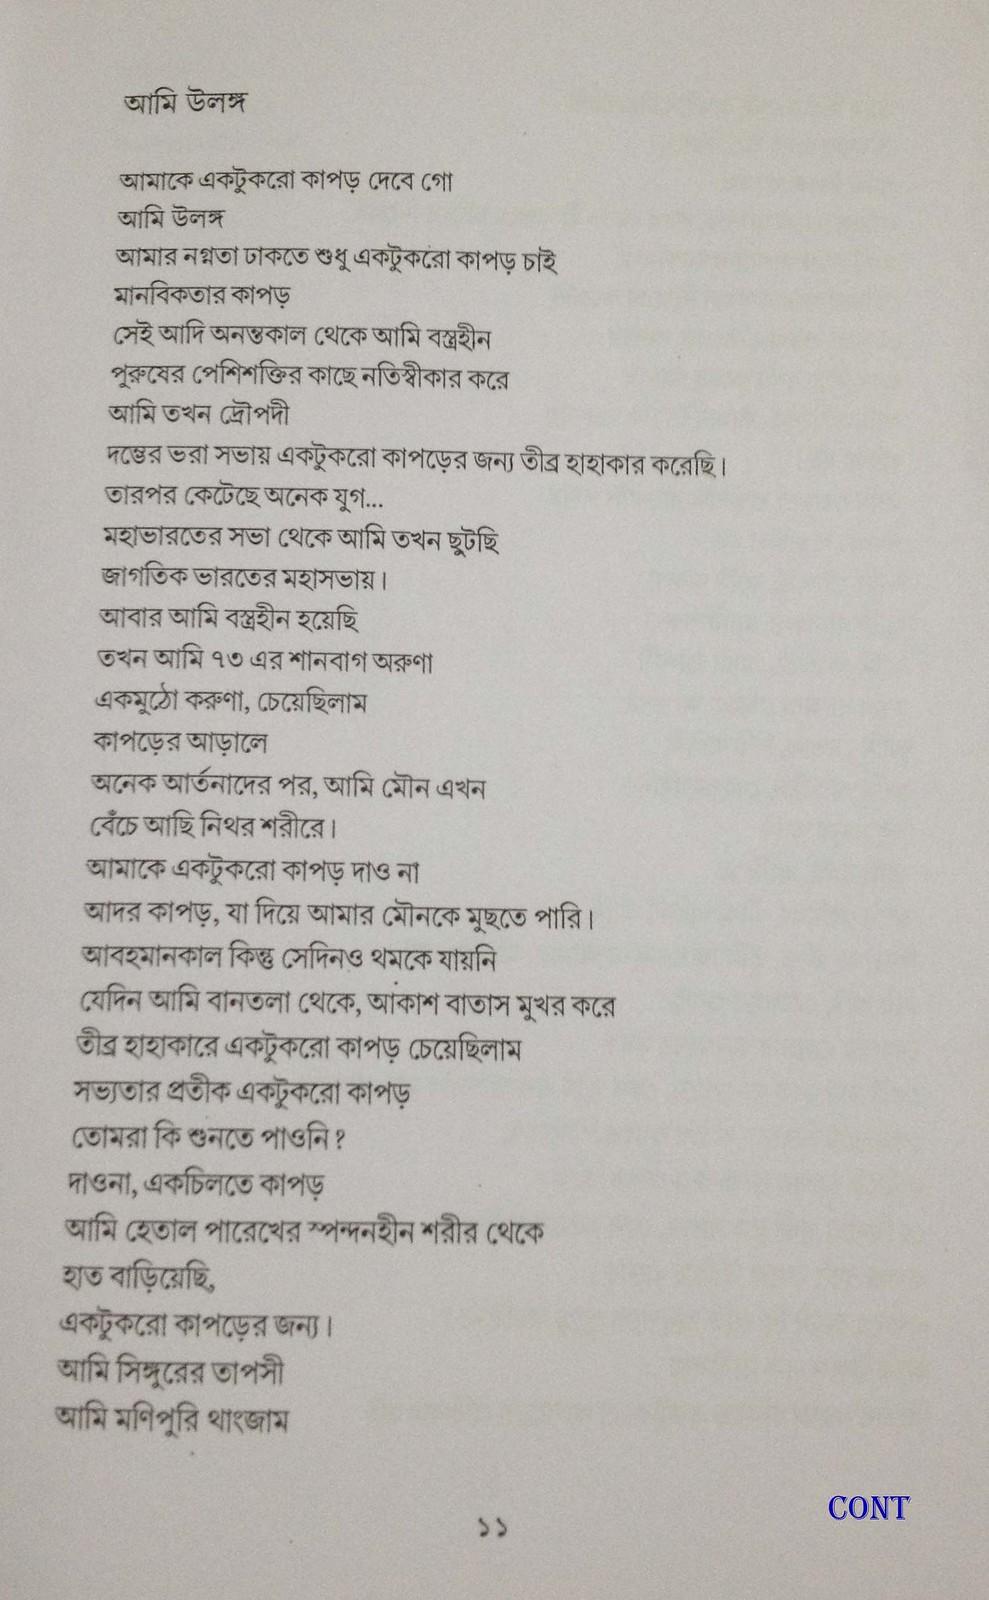 Ami Ulango Poem By Panchatapa